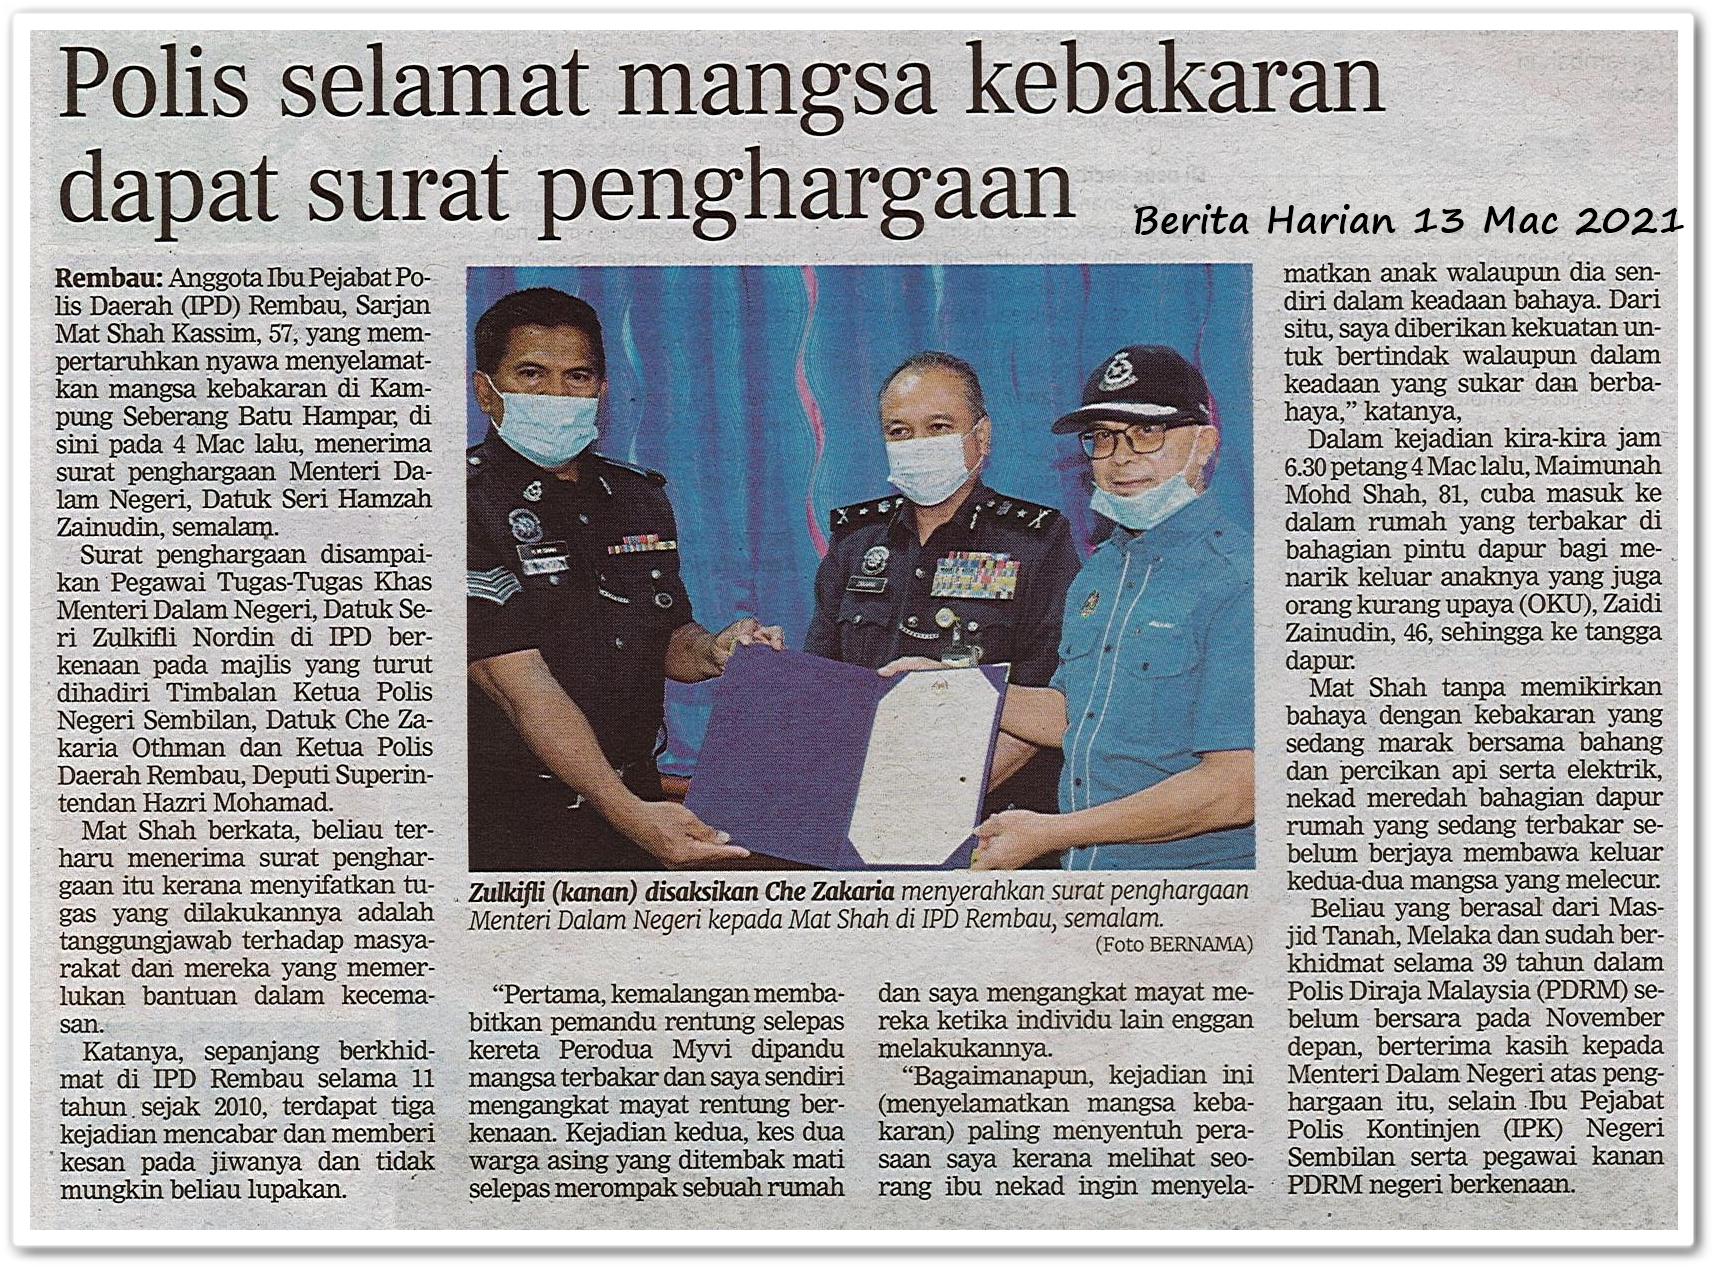 Polis selamat mangsa kebakaran dapat surat penghargaan - Keratan akhbar Berita Harian 13 Mac 2021